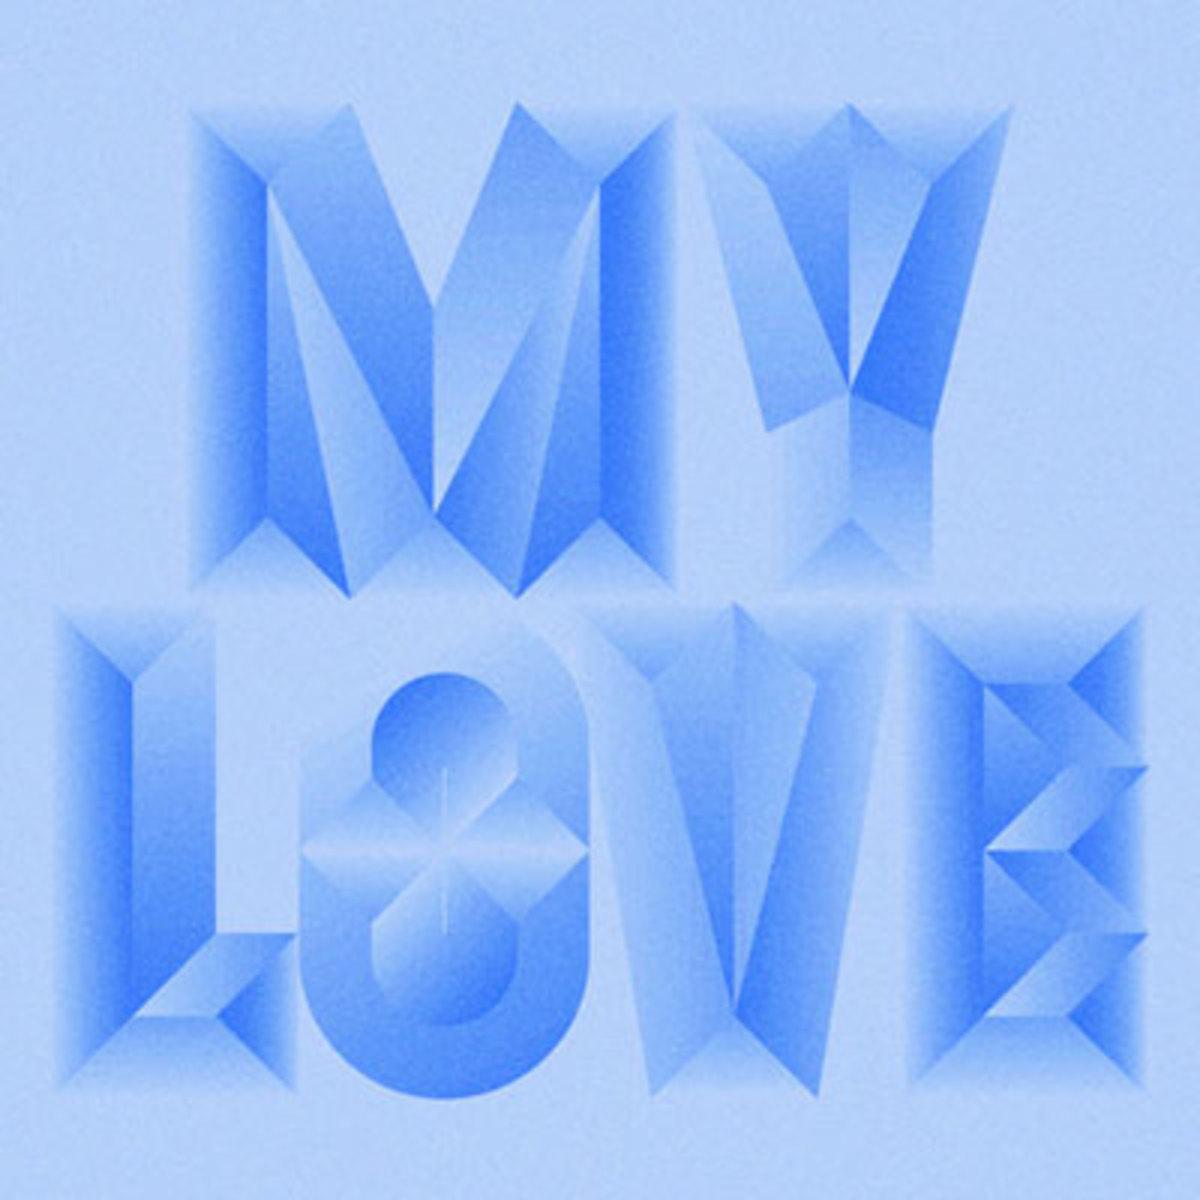 majid-jordan-my-love.jpg